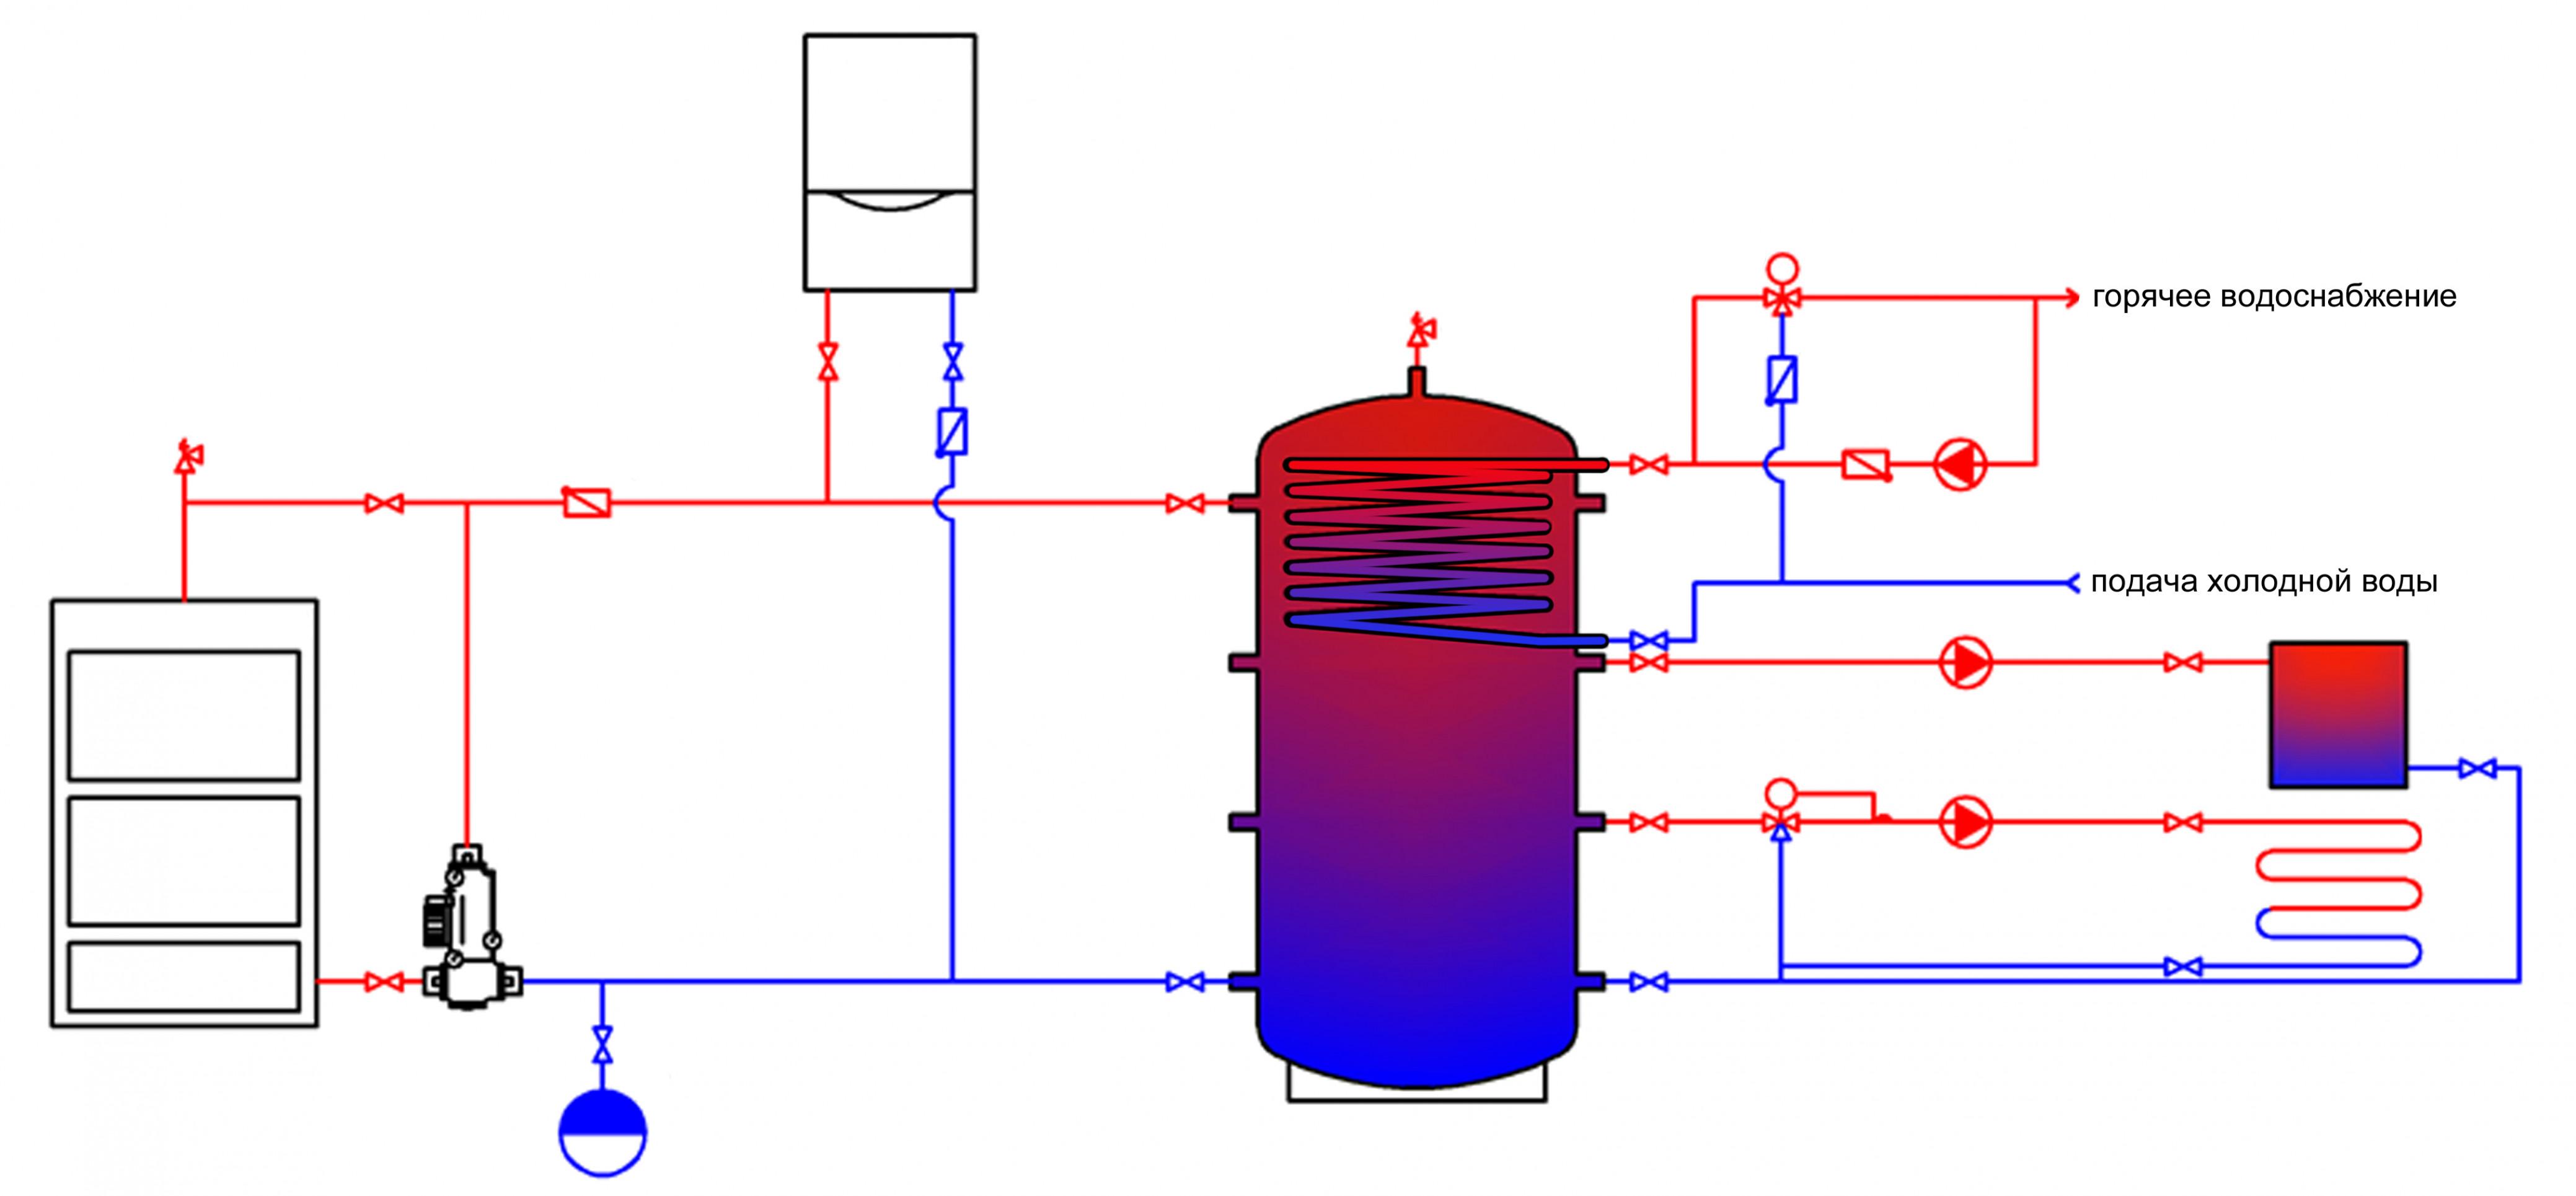 Плюсы и минусы использования термоаккумуляторов